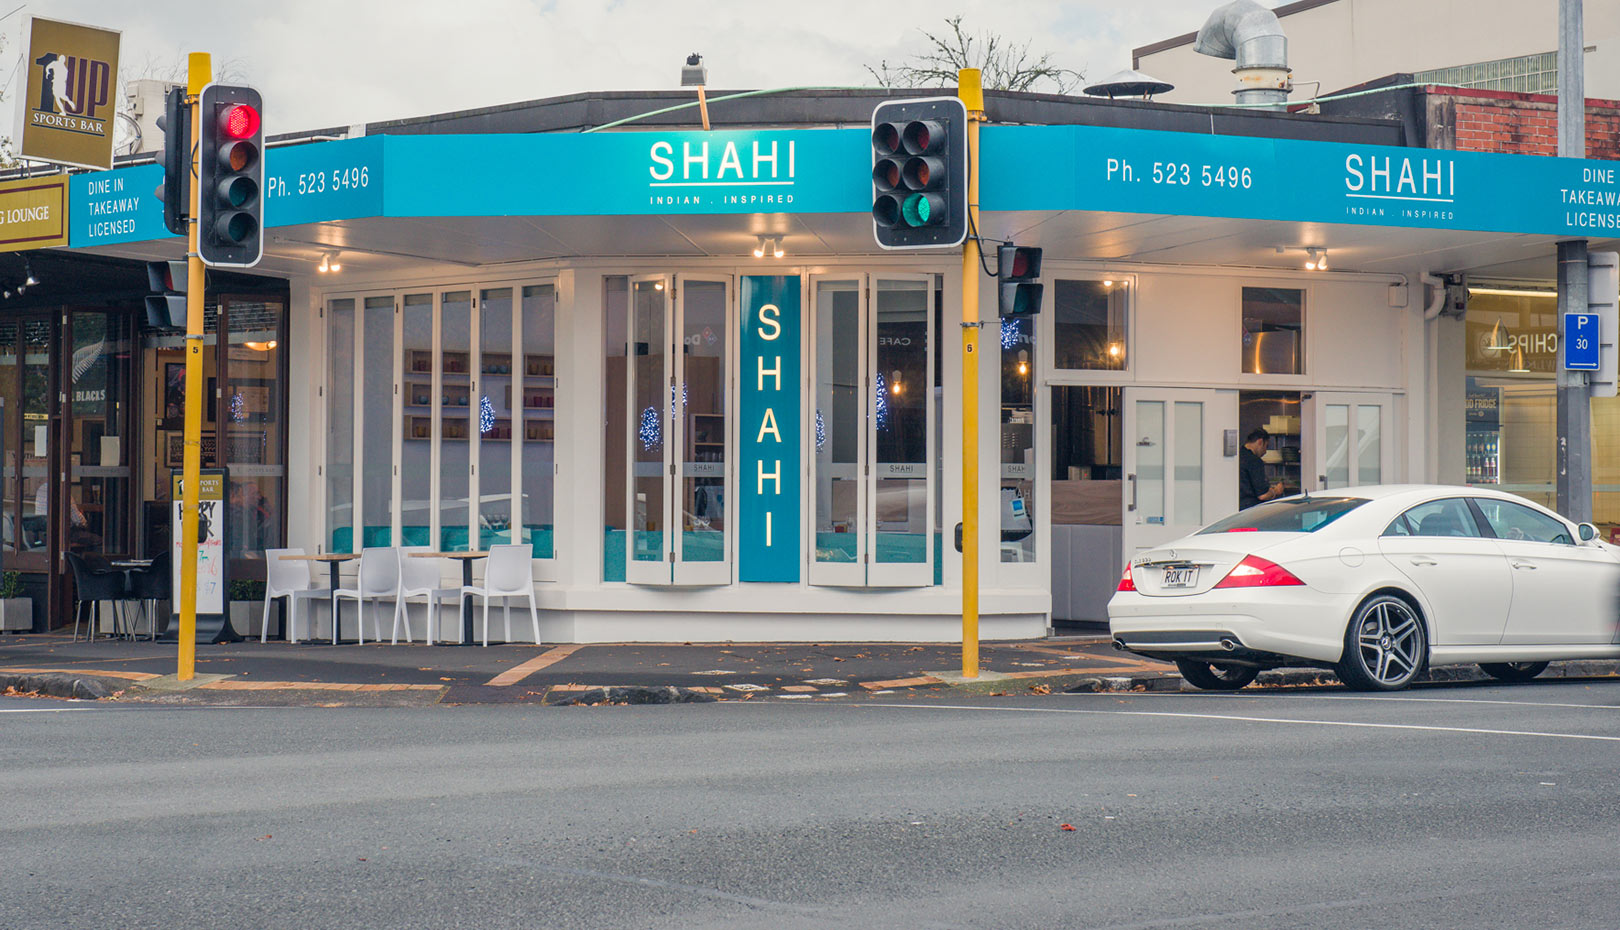 shahi-slide-1